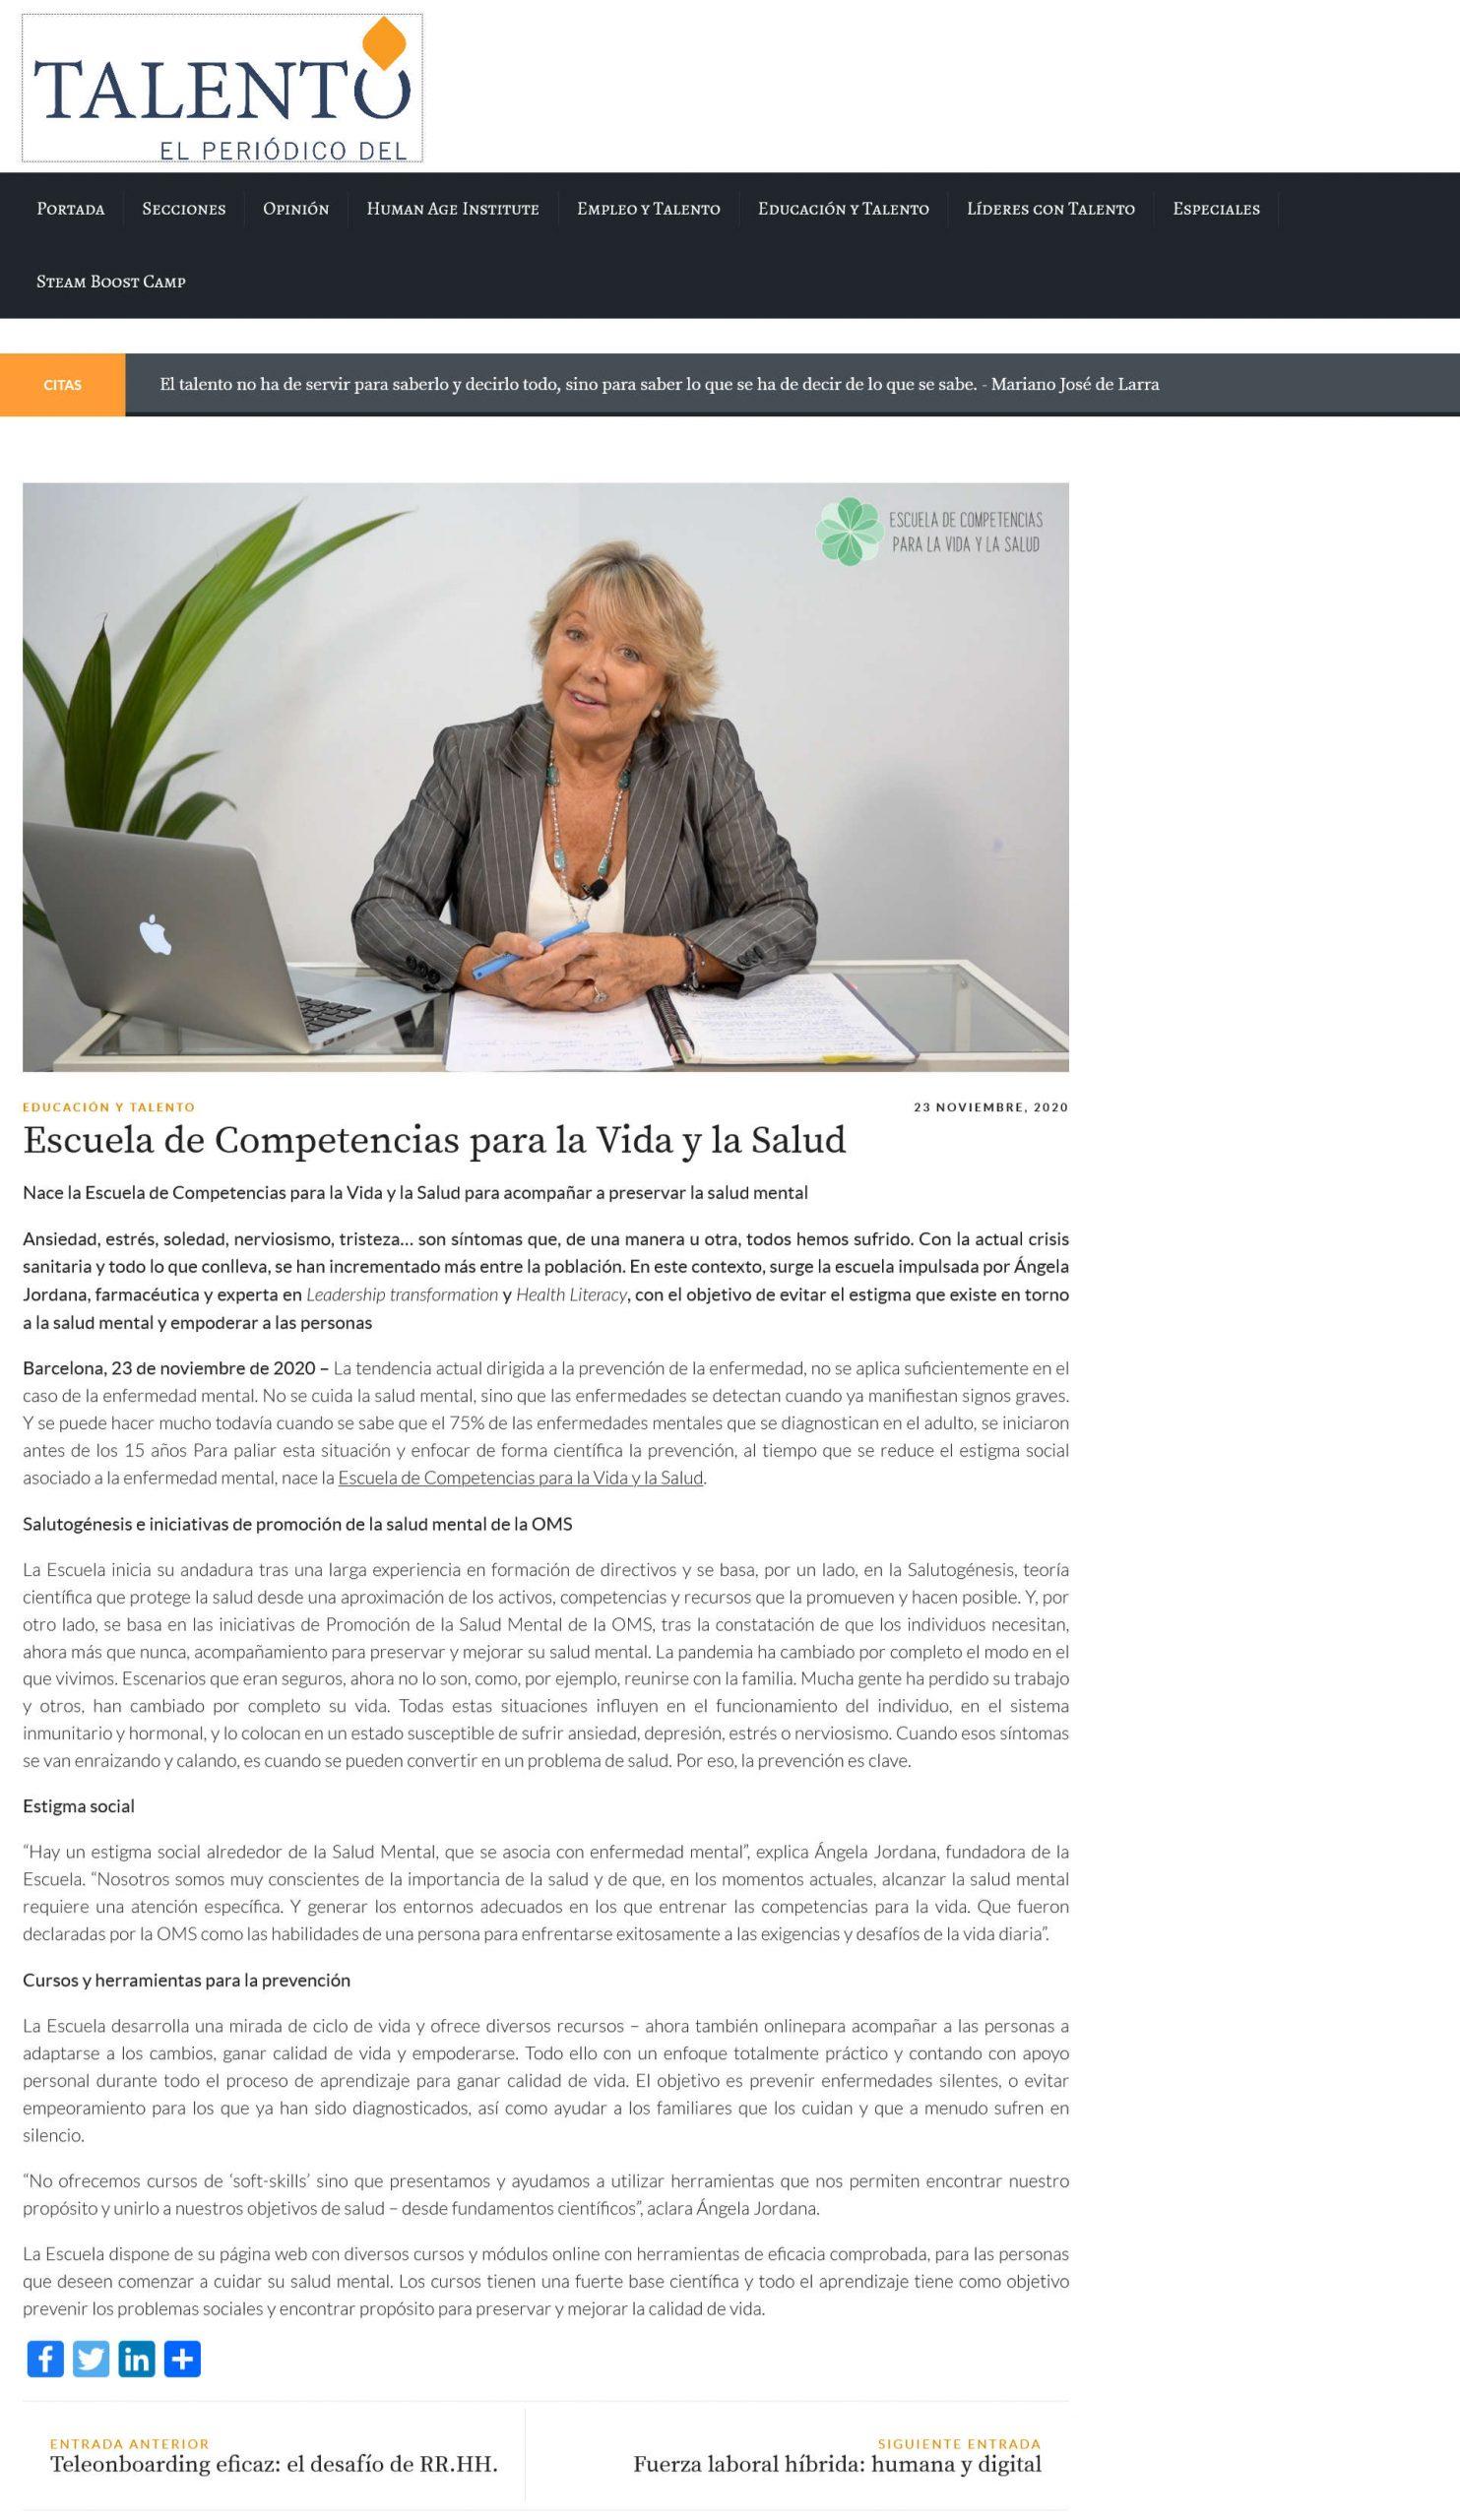 Aparición de la Escuela Competencias para la Vida y la Salud en el periódico del Talento